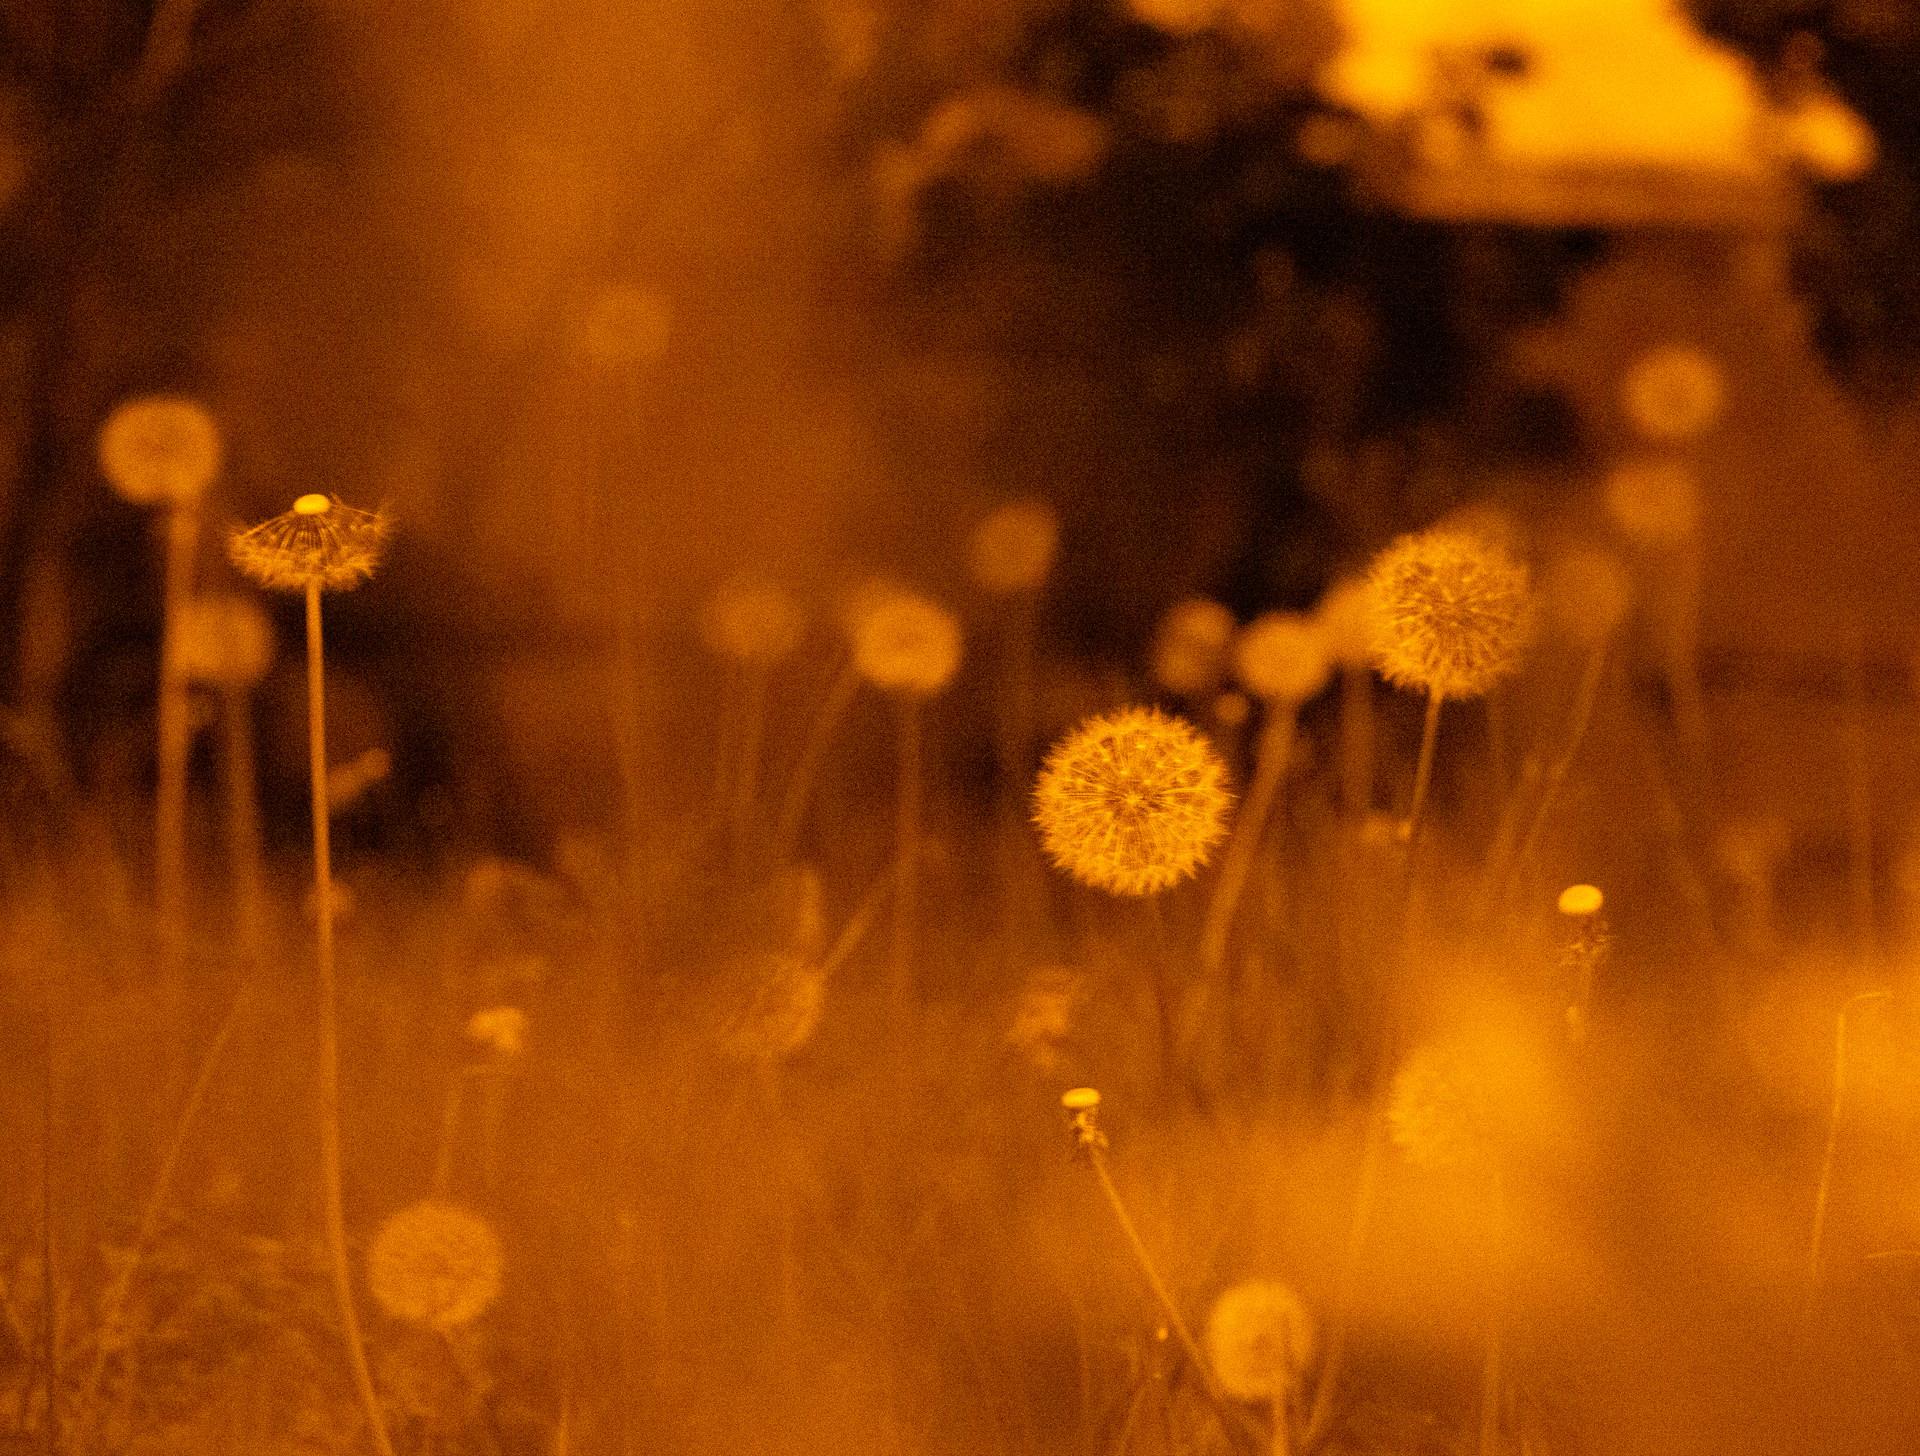 sodium - dandelions